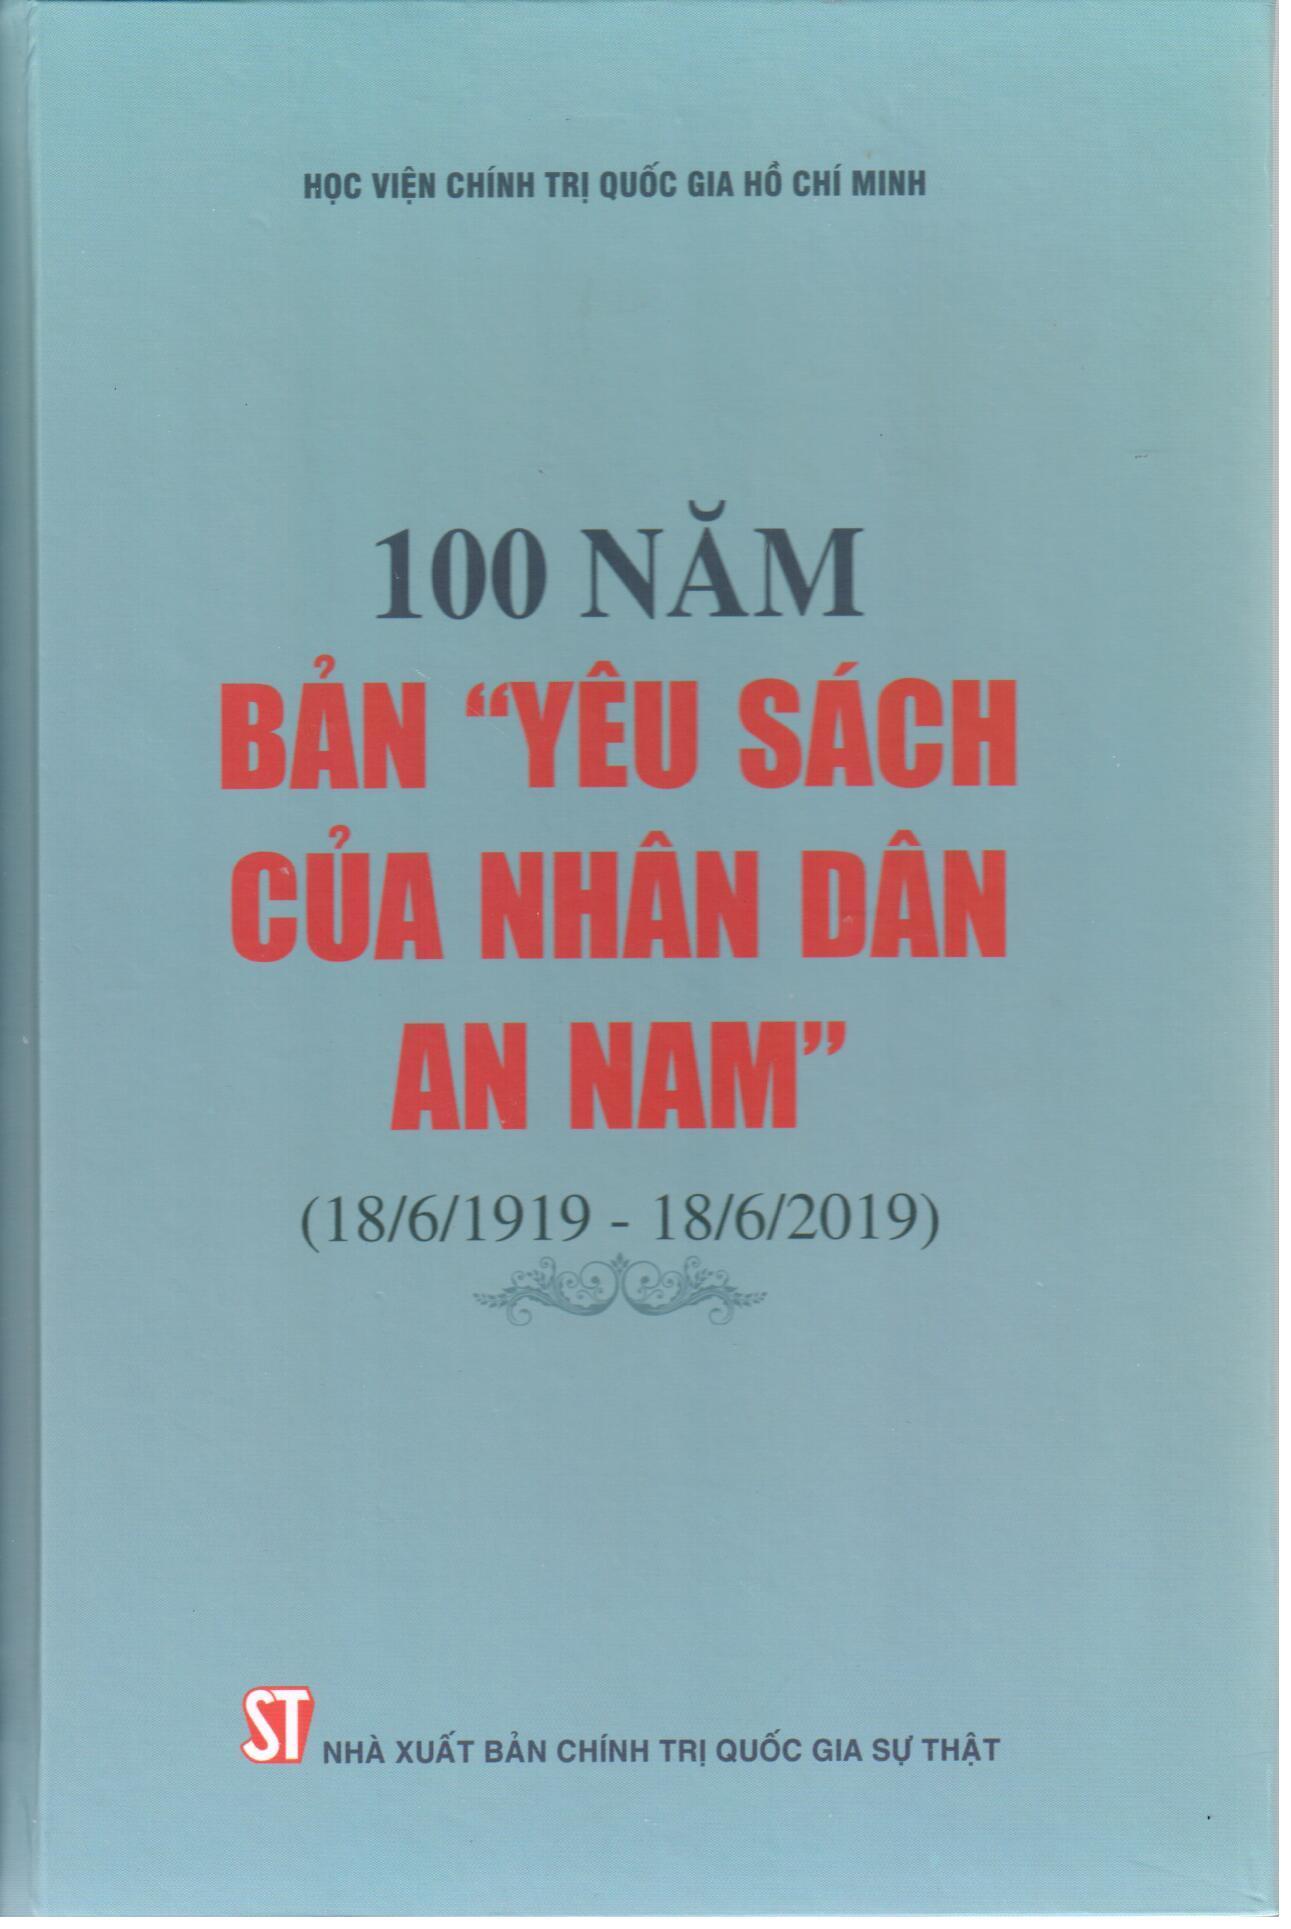 """100 năm bản """"Yêu sách của nhân dân An Nam"""" (18/6/1919 - 18/6/2019)"""